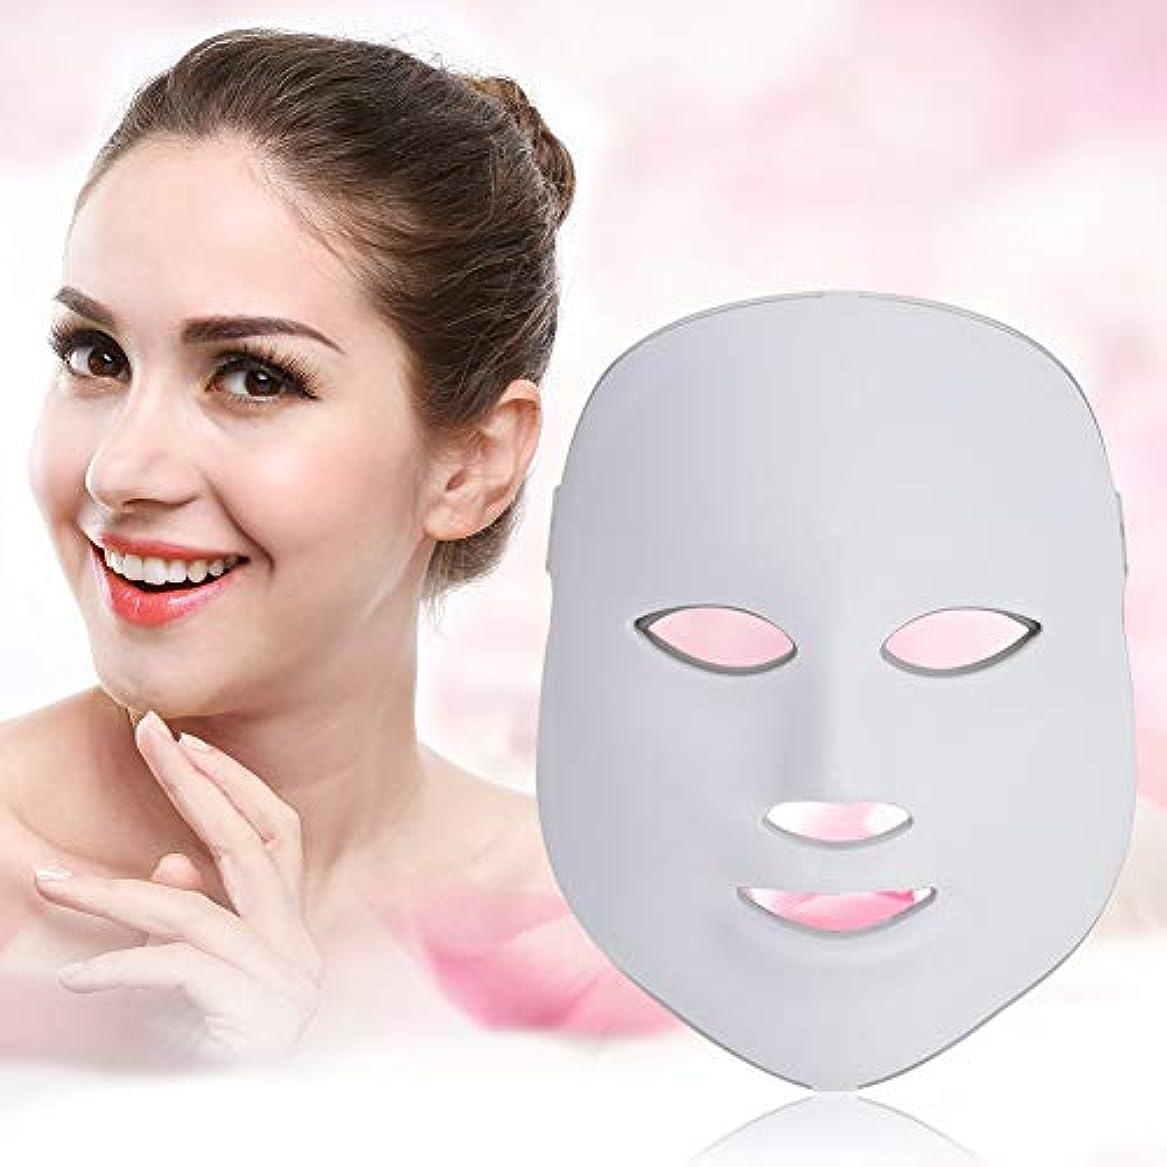 加速するエジプトイディオム7色Ledフェイスマスク-顔&首光肌若返りスキンケアマスク、しわを改善、引き締め、滑らかな肌(米国のプラグ)